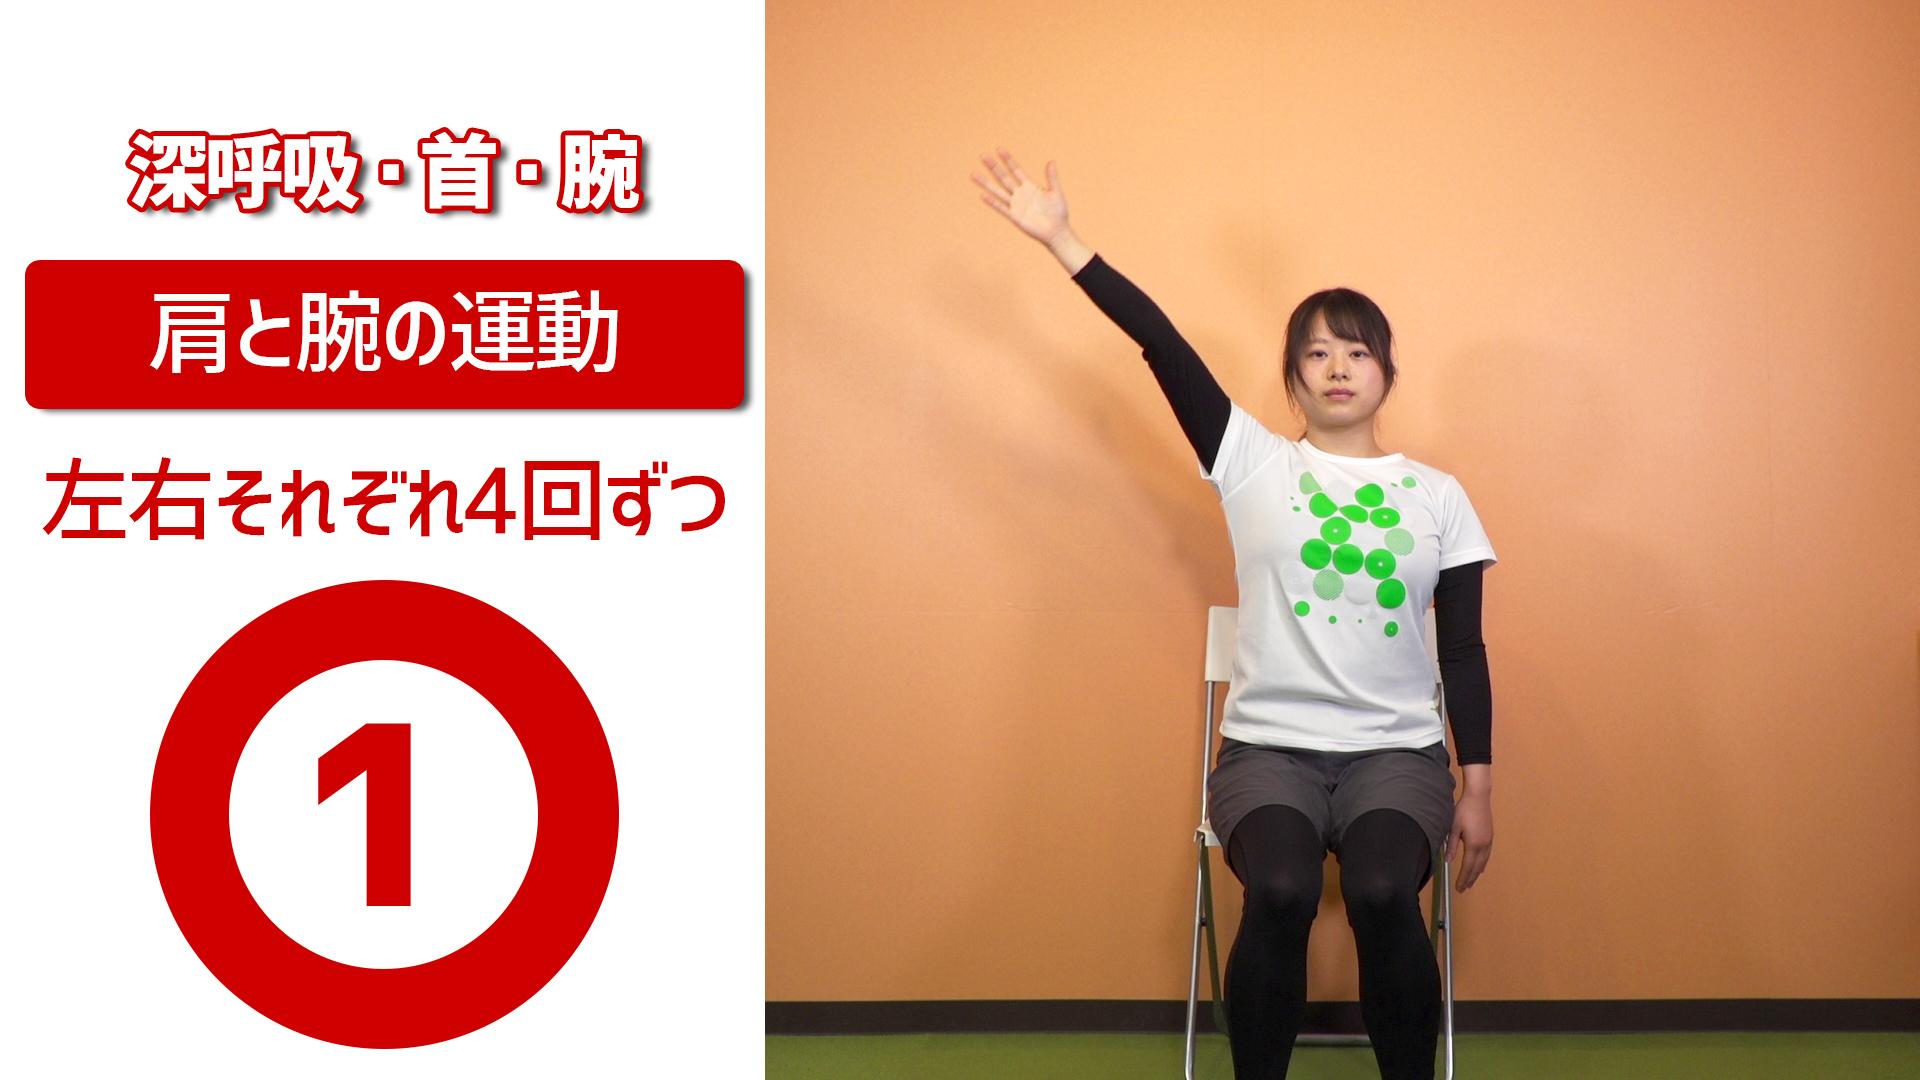 【おうち体操動画】